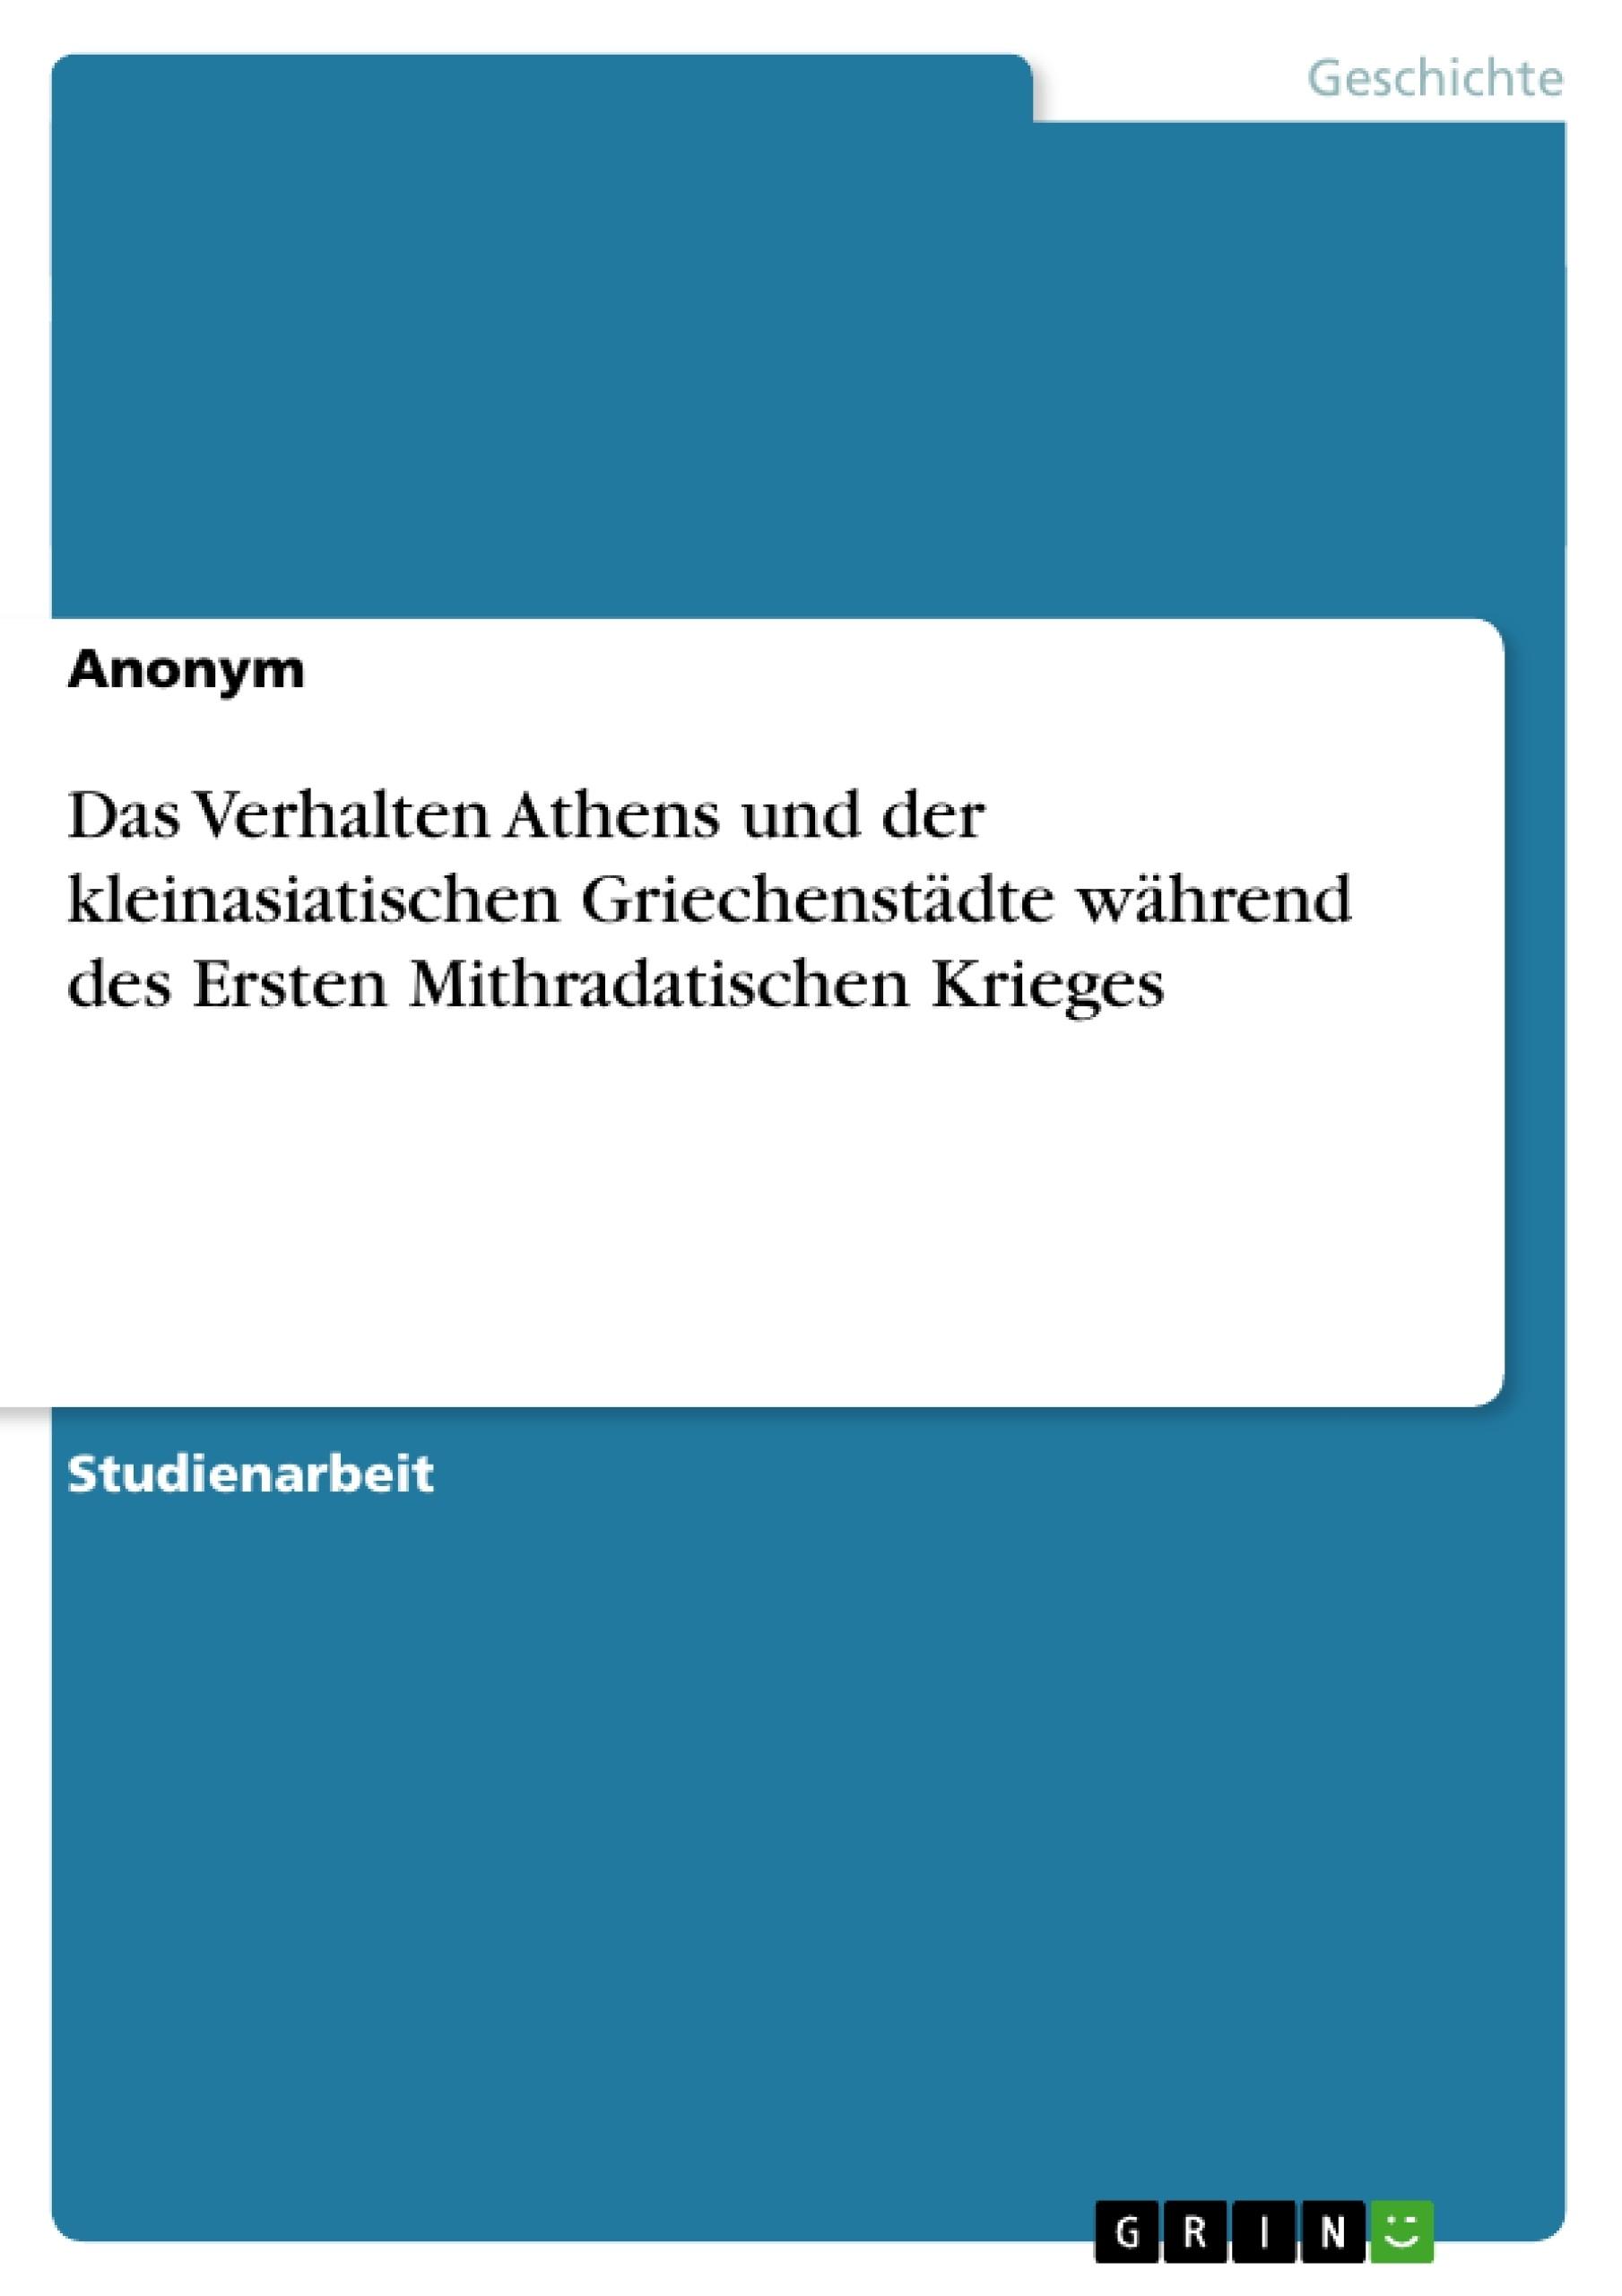 Titel: Das Verhalten Athens und der kleinasiatischen Griechenstädte während des Ersten Mithradatischen Krieges